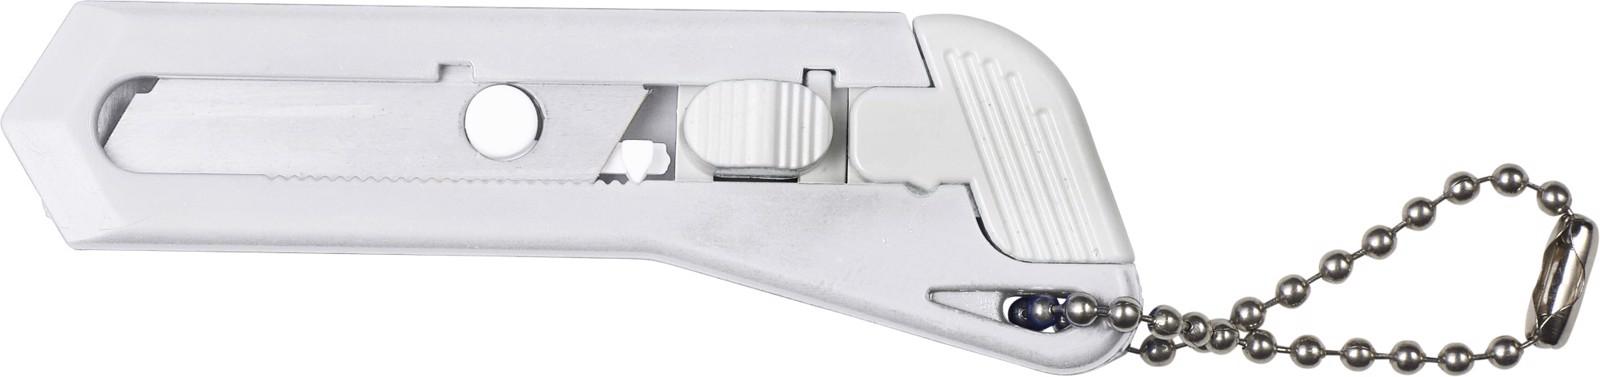 ABS hobby knife - White